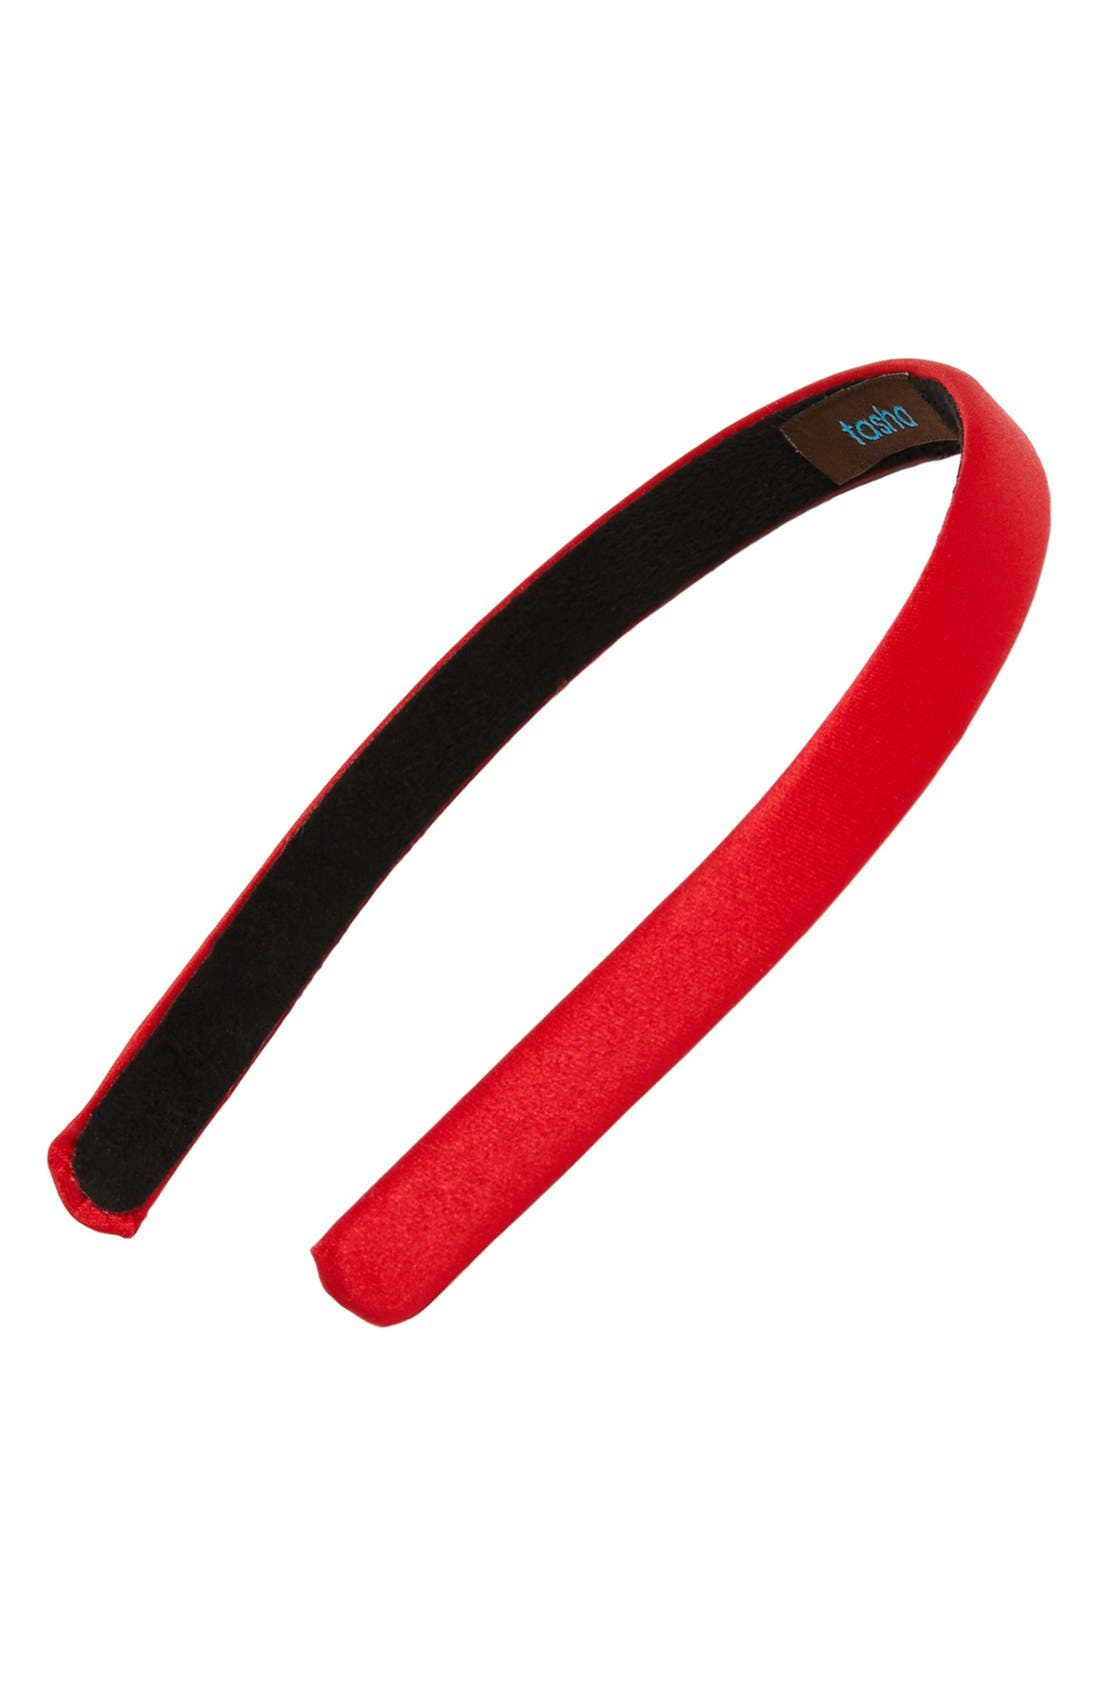 Main Image - Tasha 'Go To' Headband